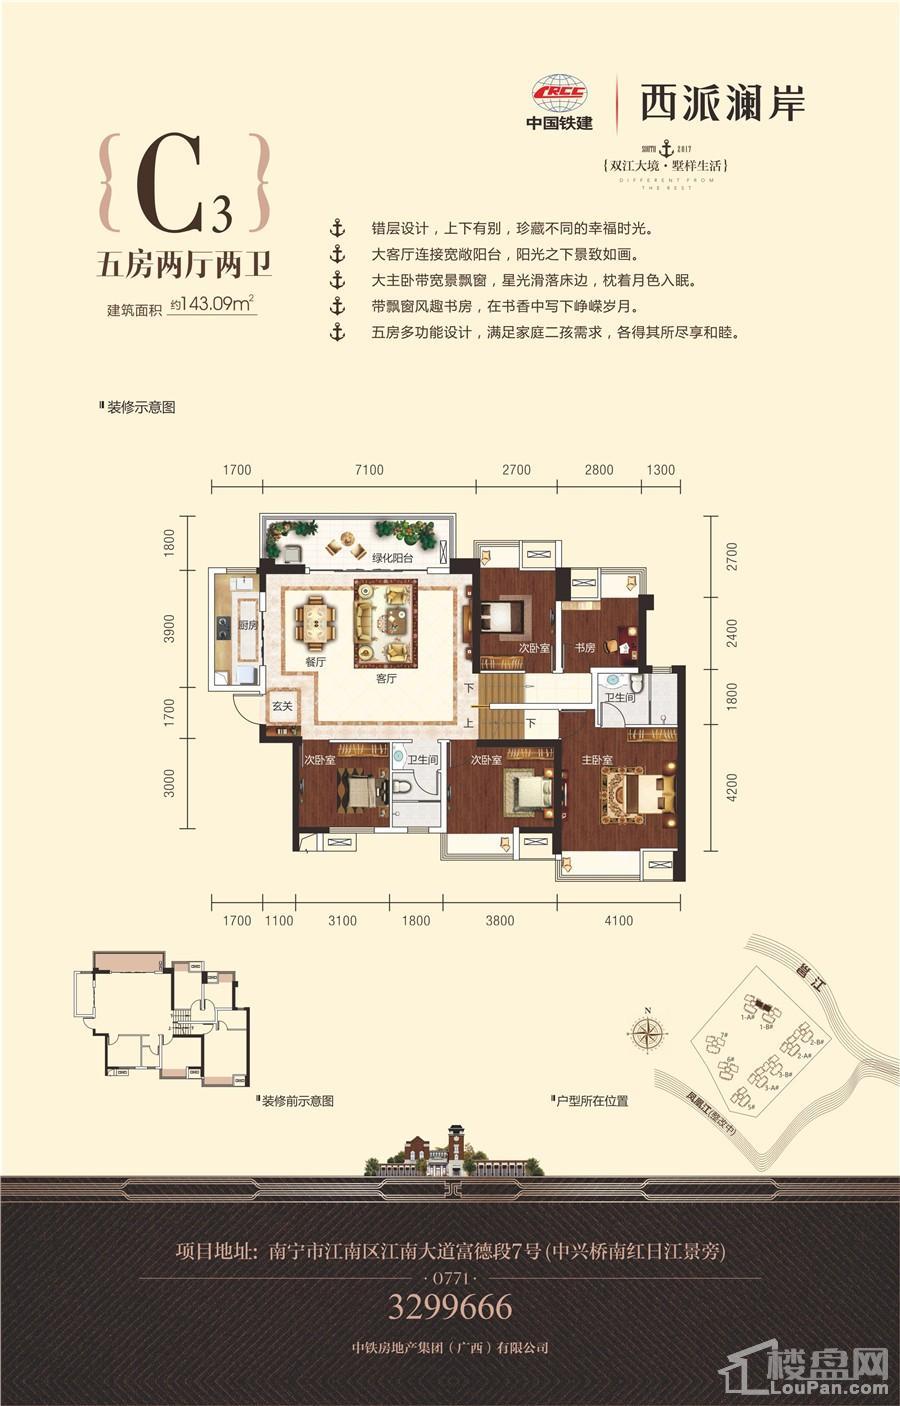 中国铁建西派澜岸1#楼 C3户型